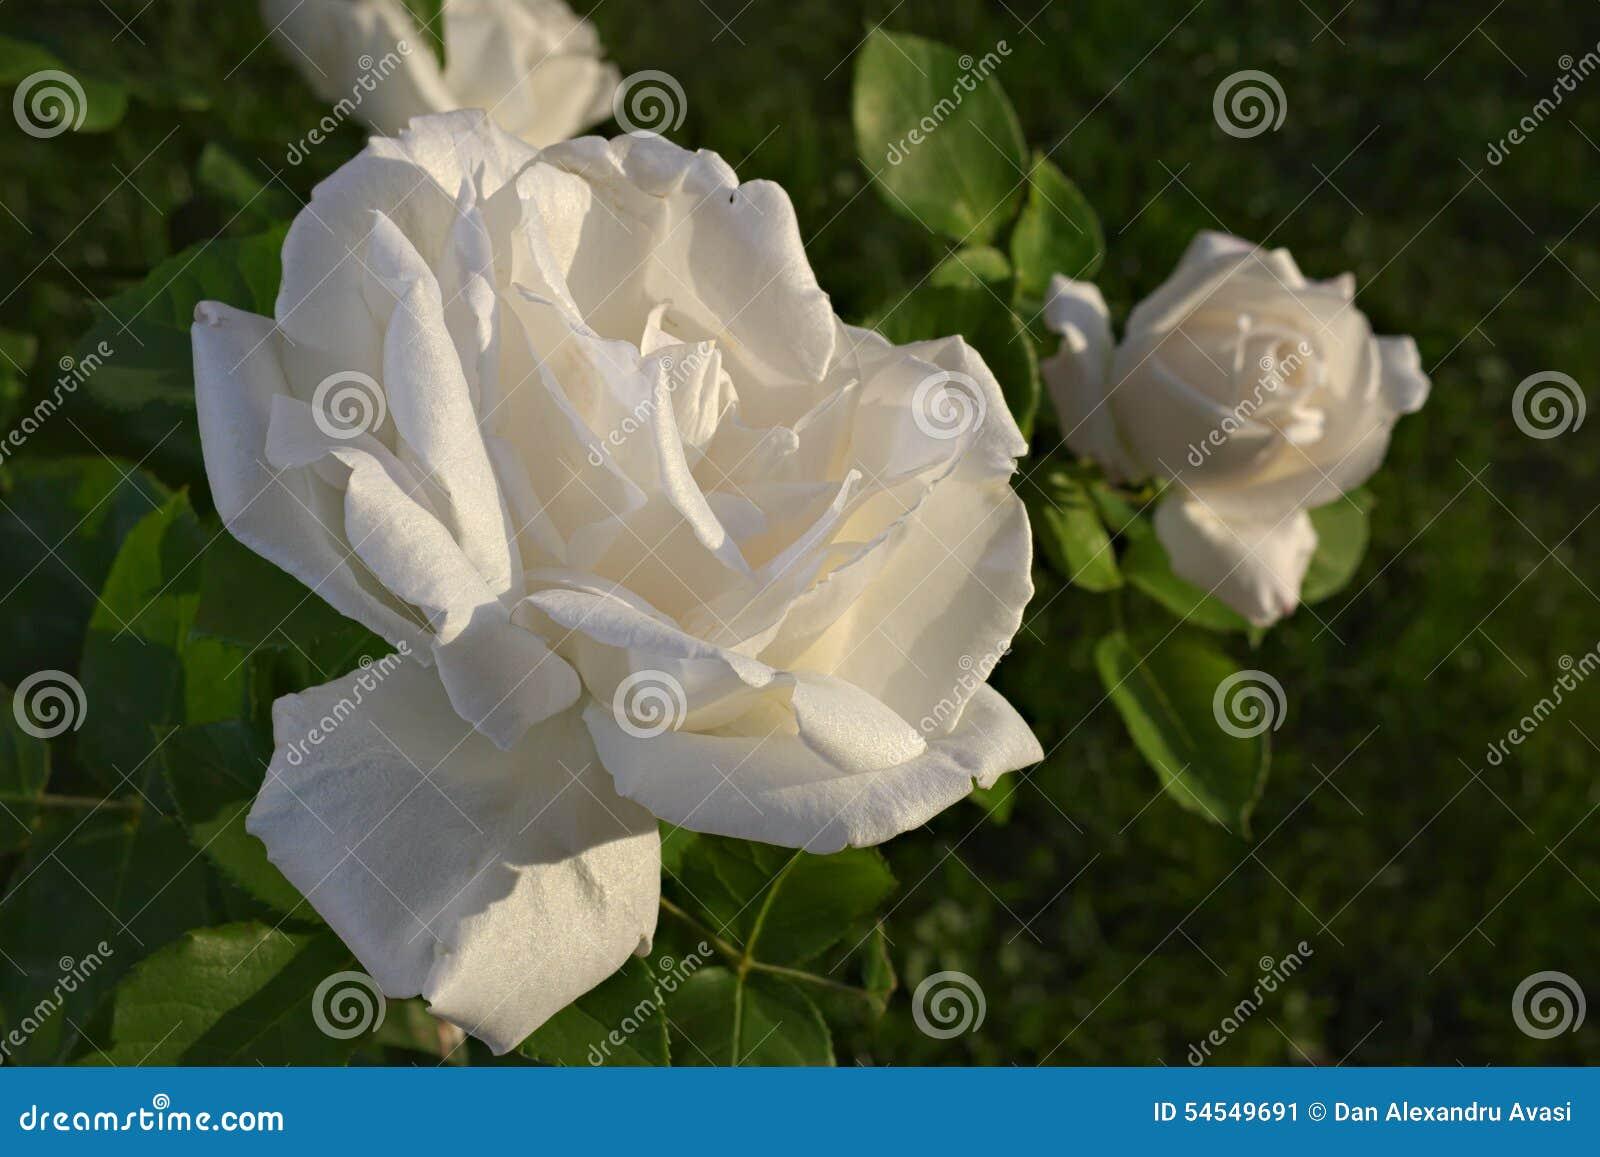 White Rose At Sunrise Stock Image Image Of Symbol Purity 54549691